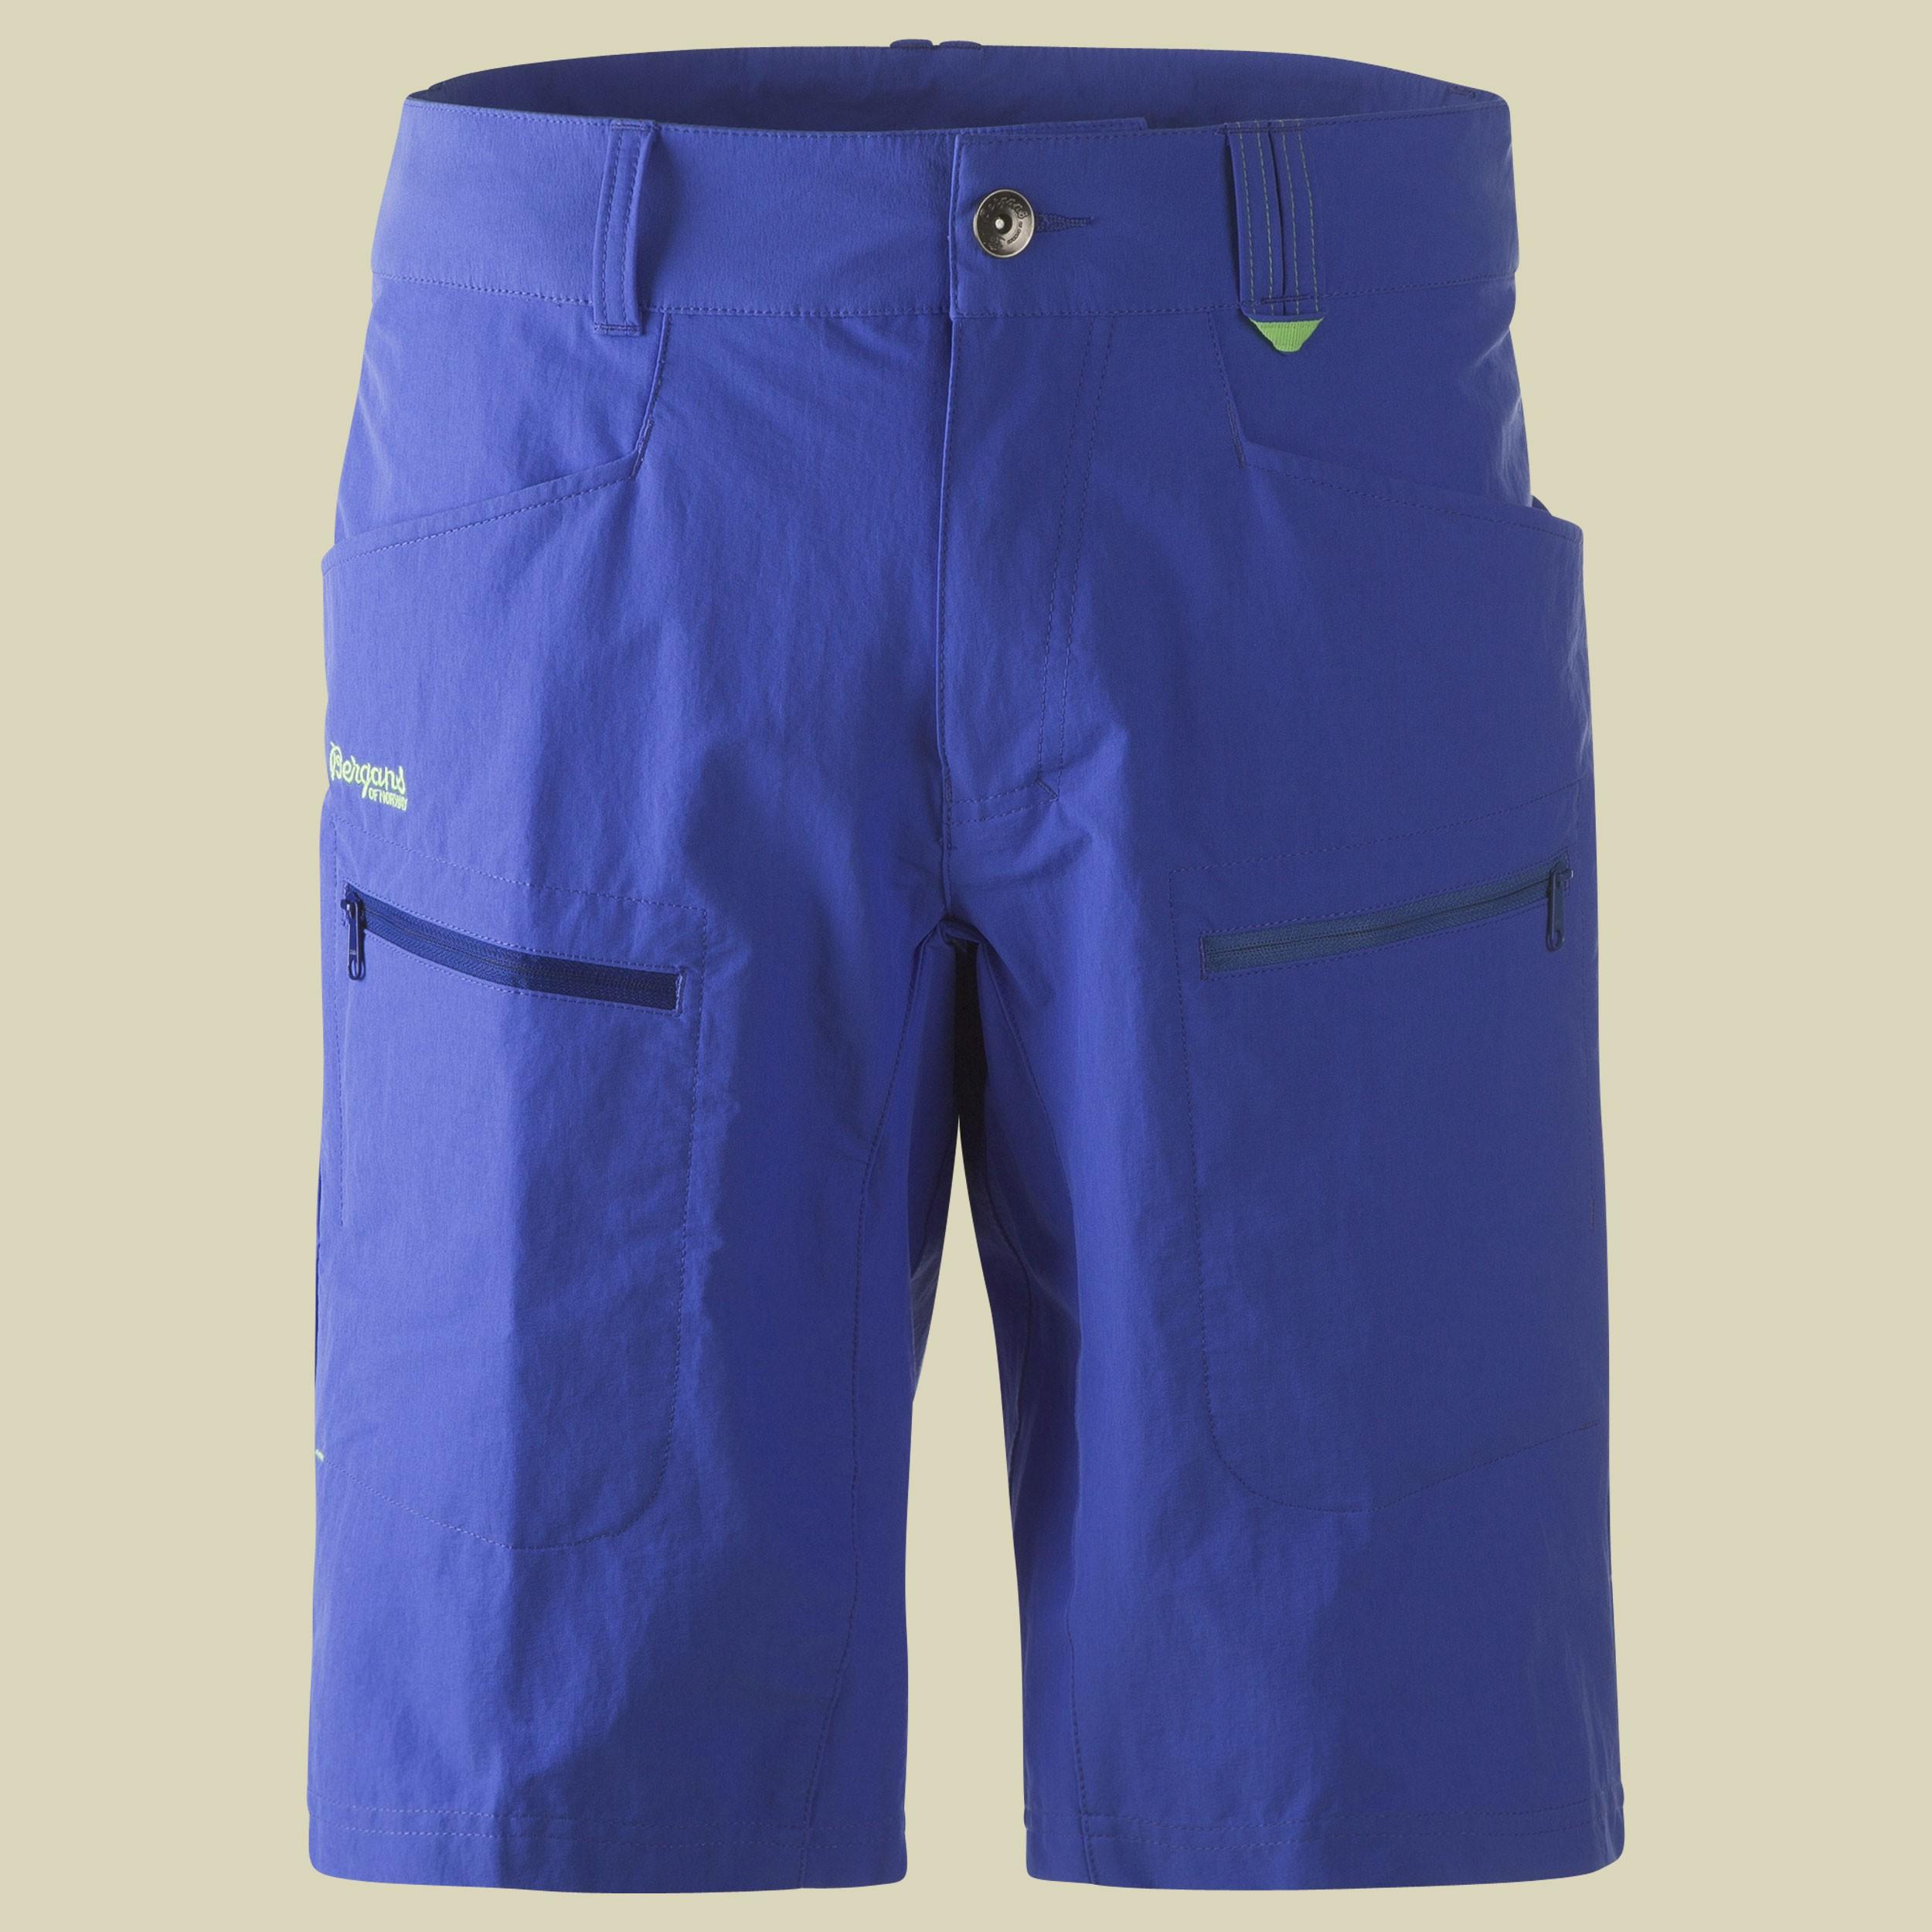 Utne Shorts Men